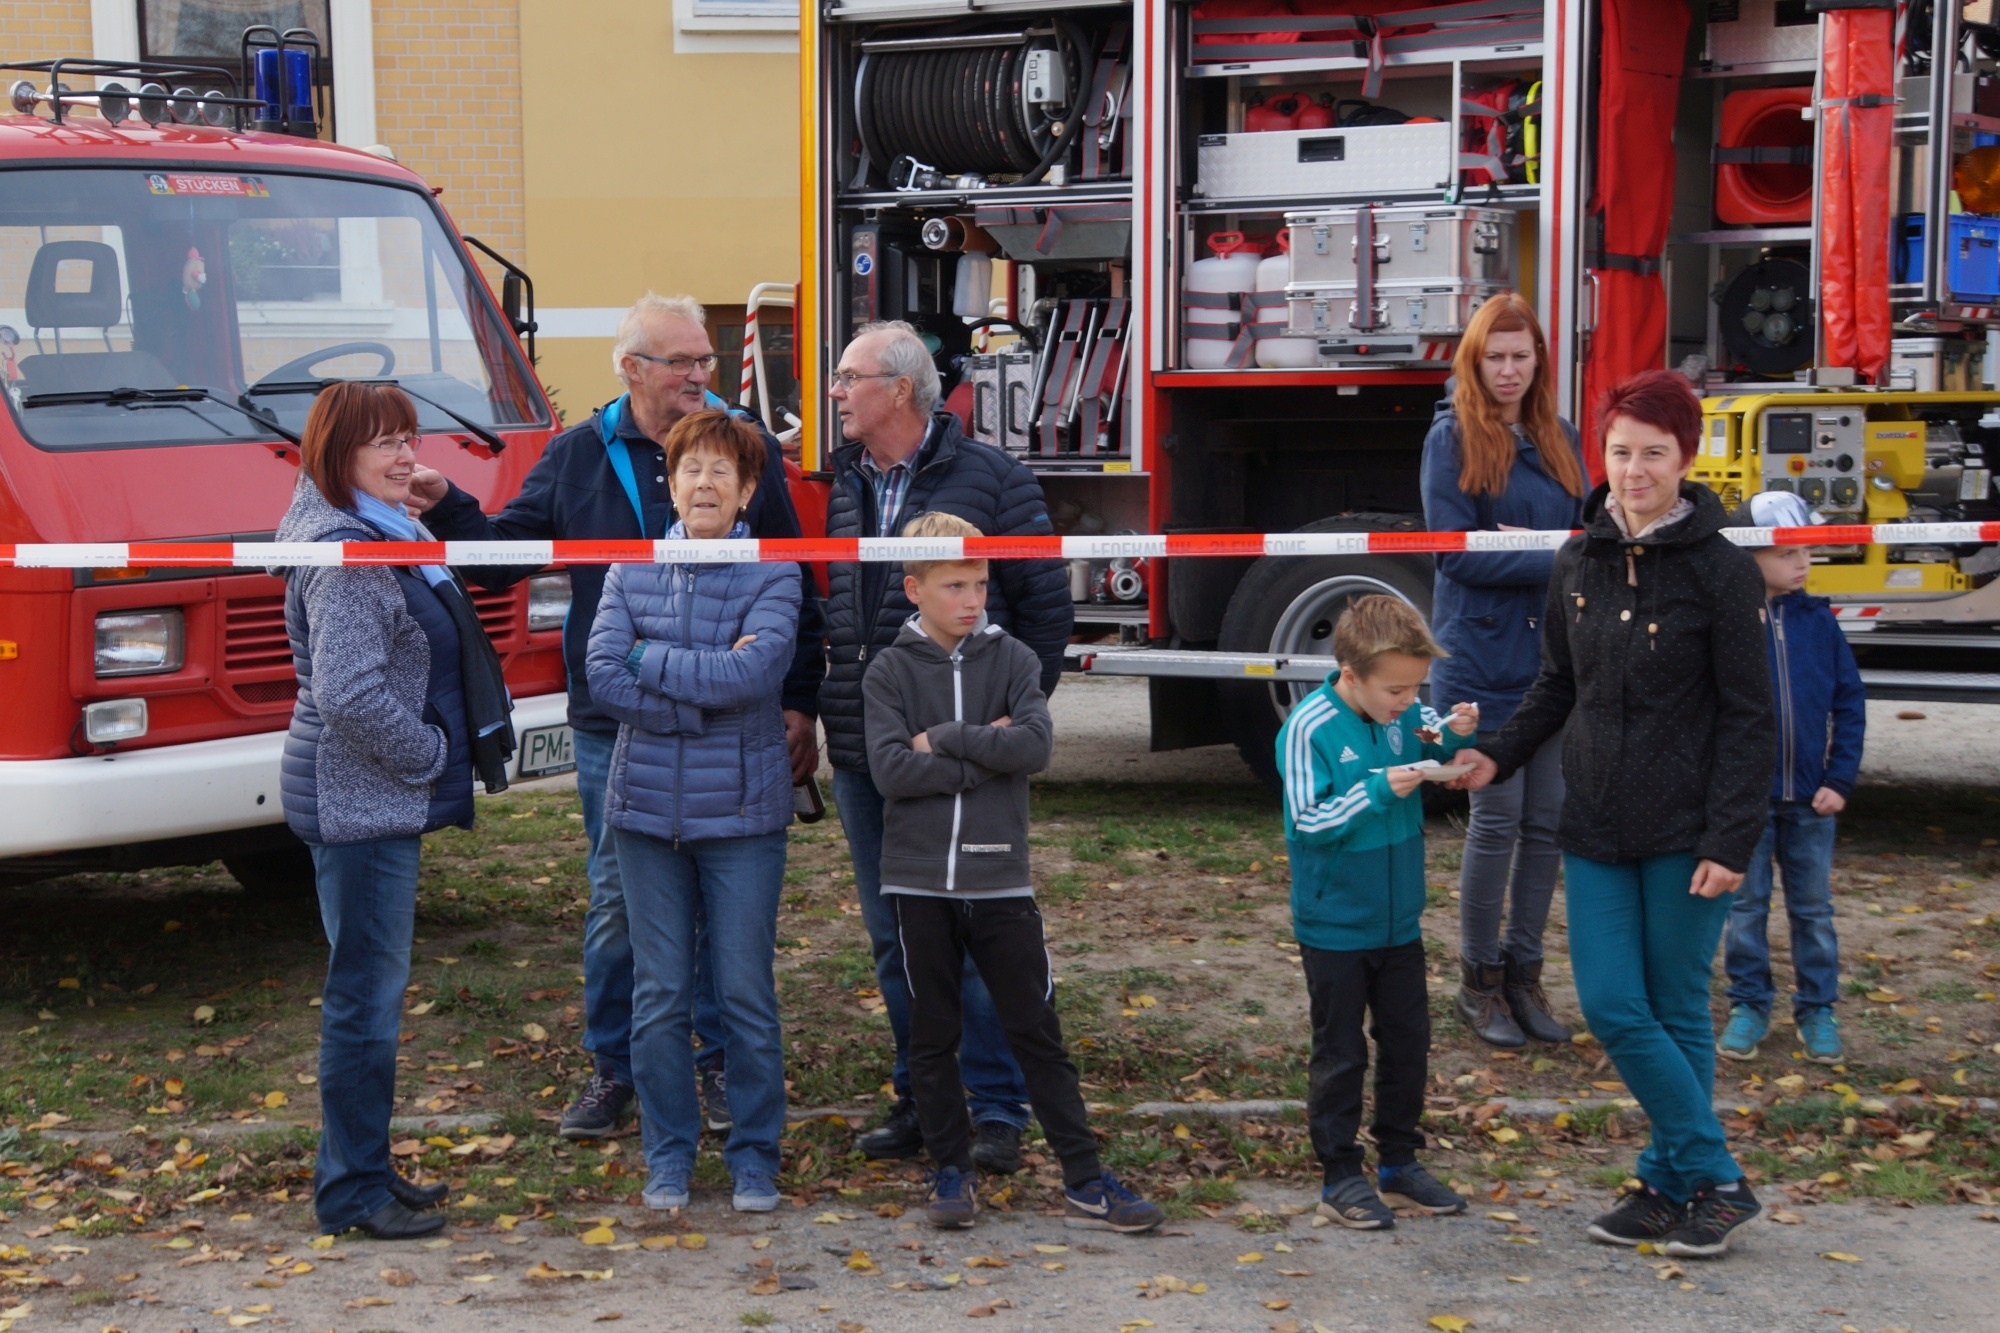 Feuerwehr_Tag_der_offenen_Tür_2018_10